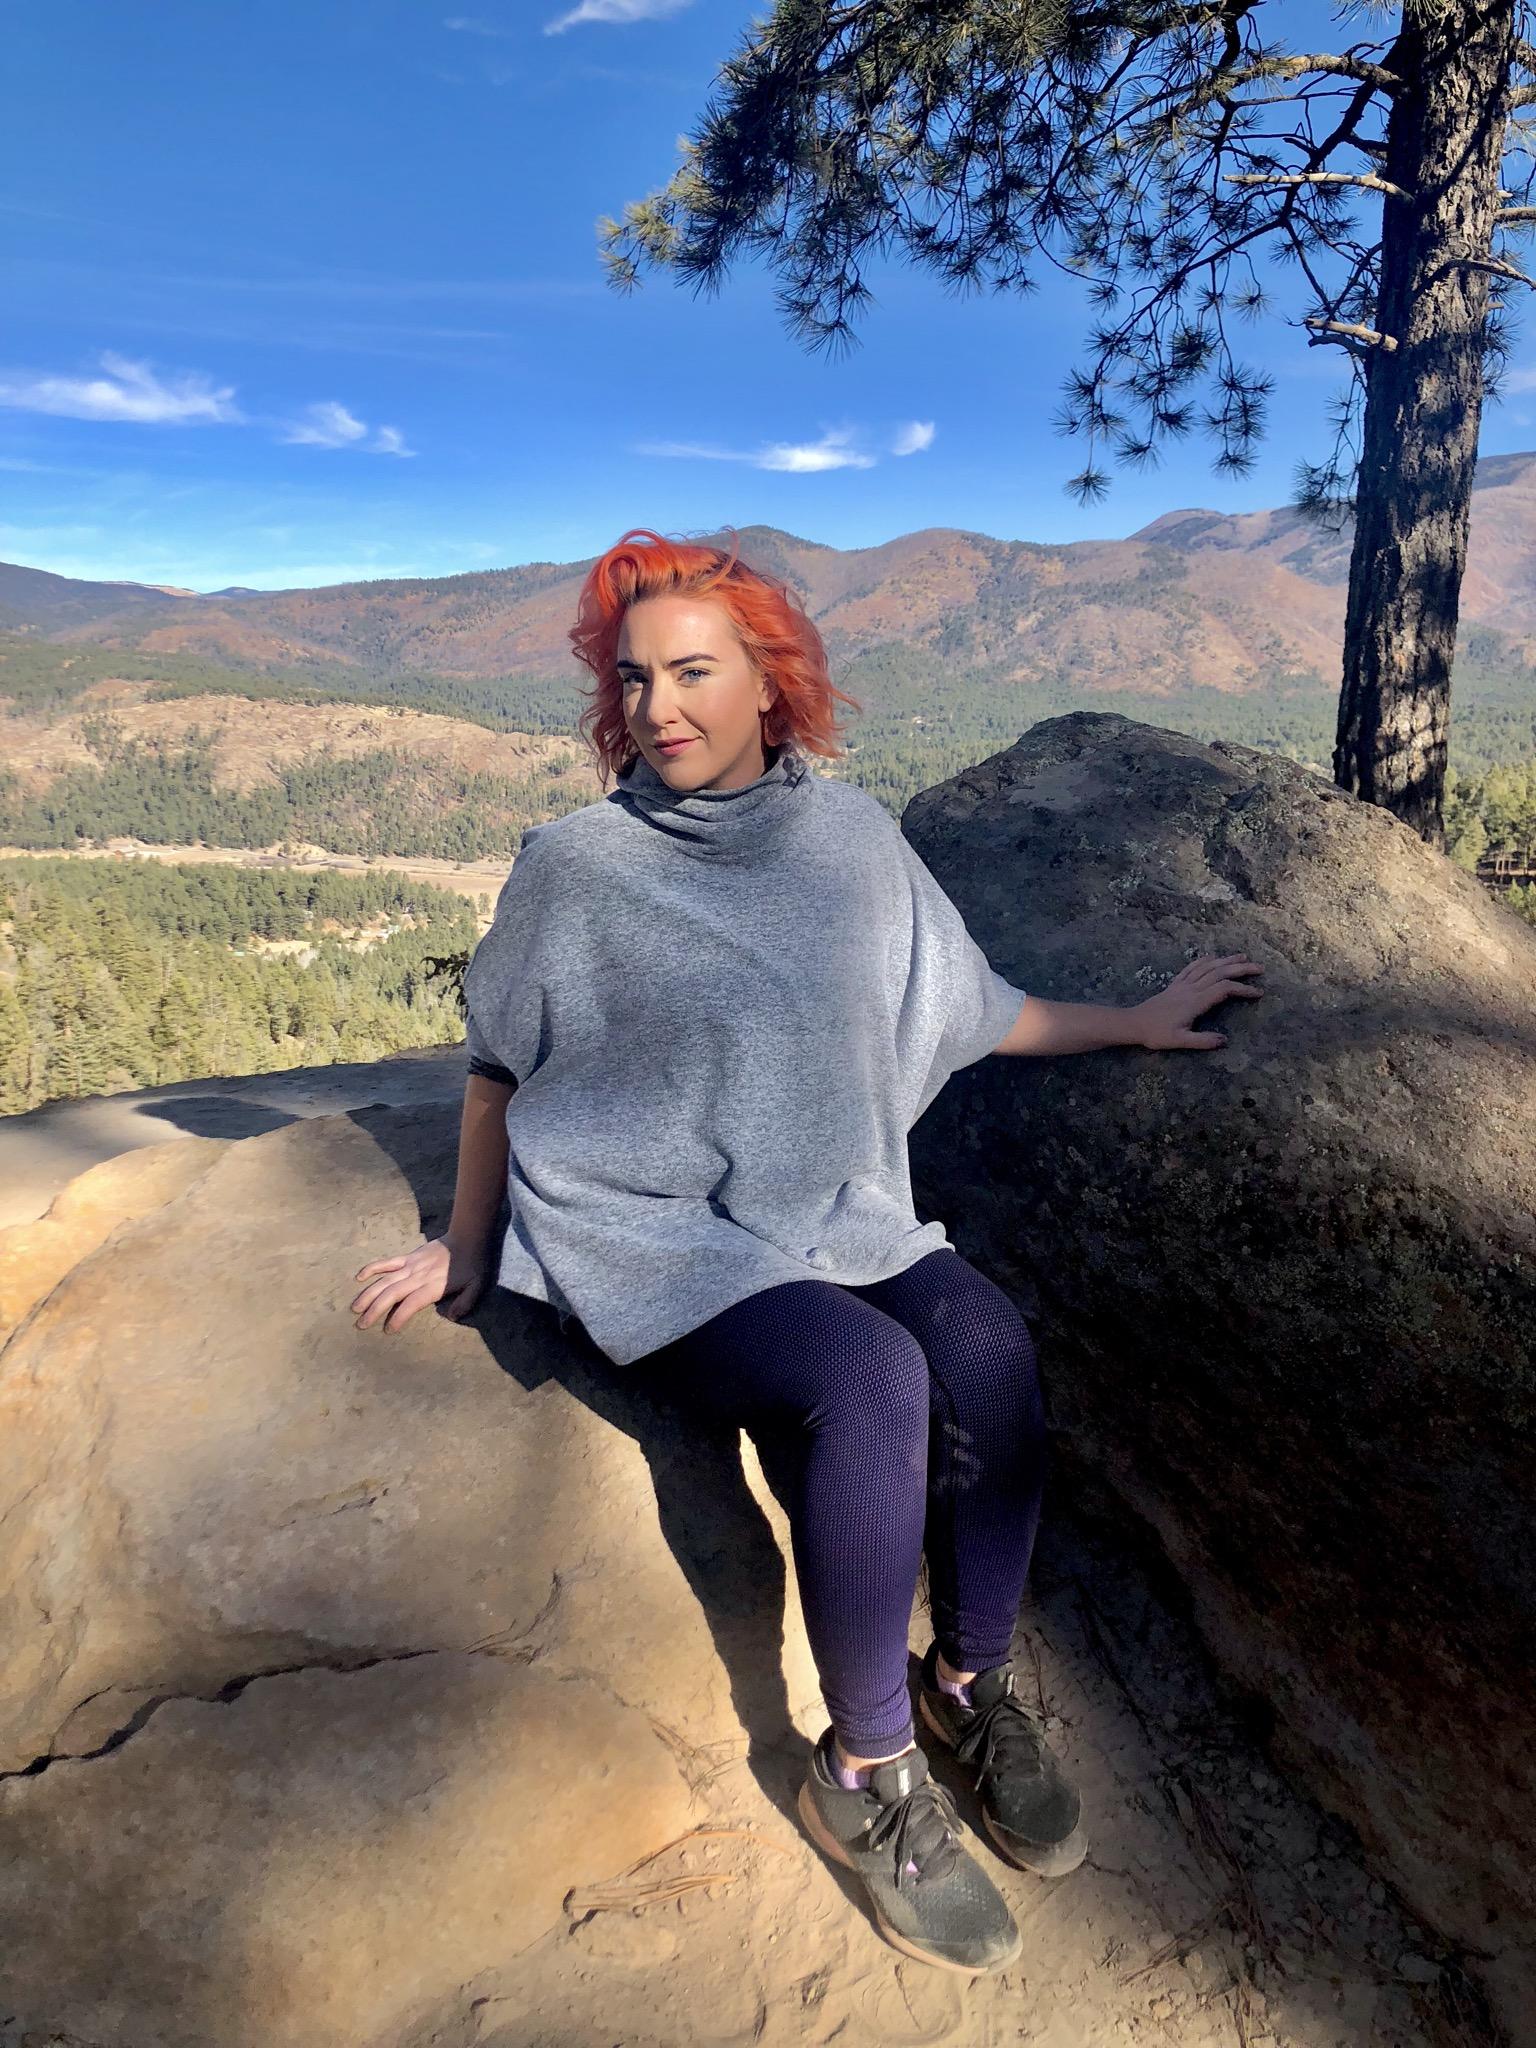 Tent Rocks, Santa Fe, NM